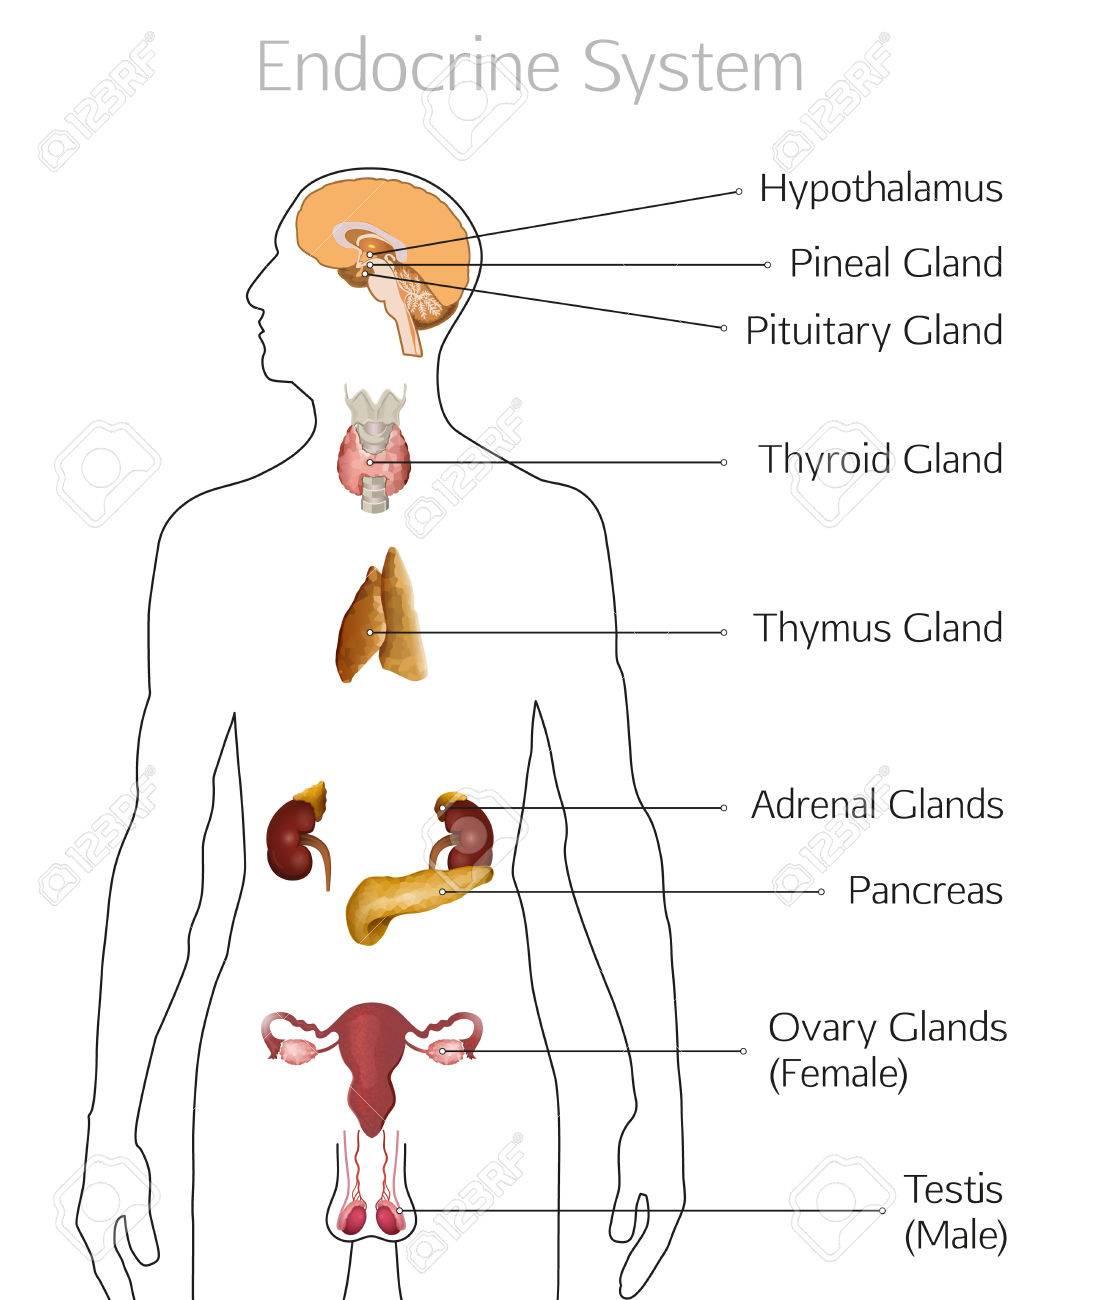 Sistema Endocrino Masculino. Anatomía Humana. Silueta Humana Con ...